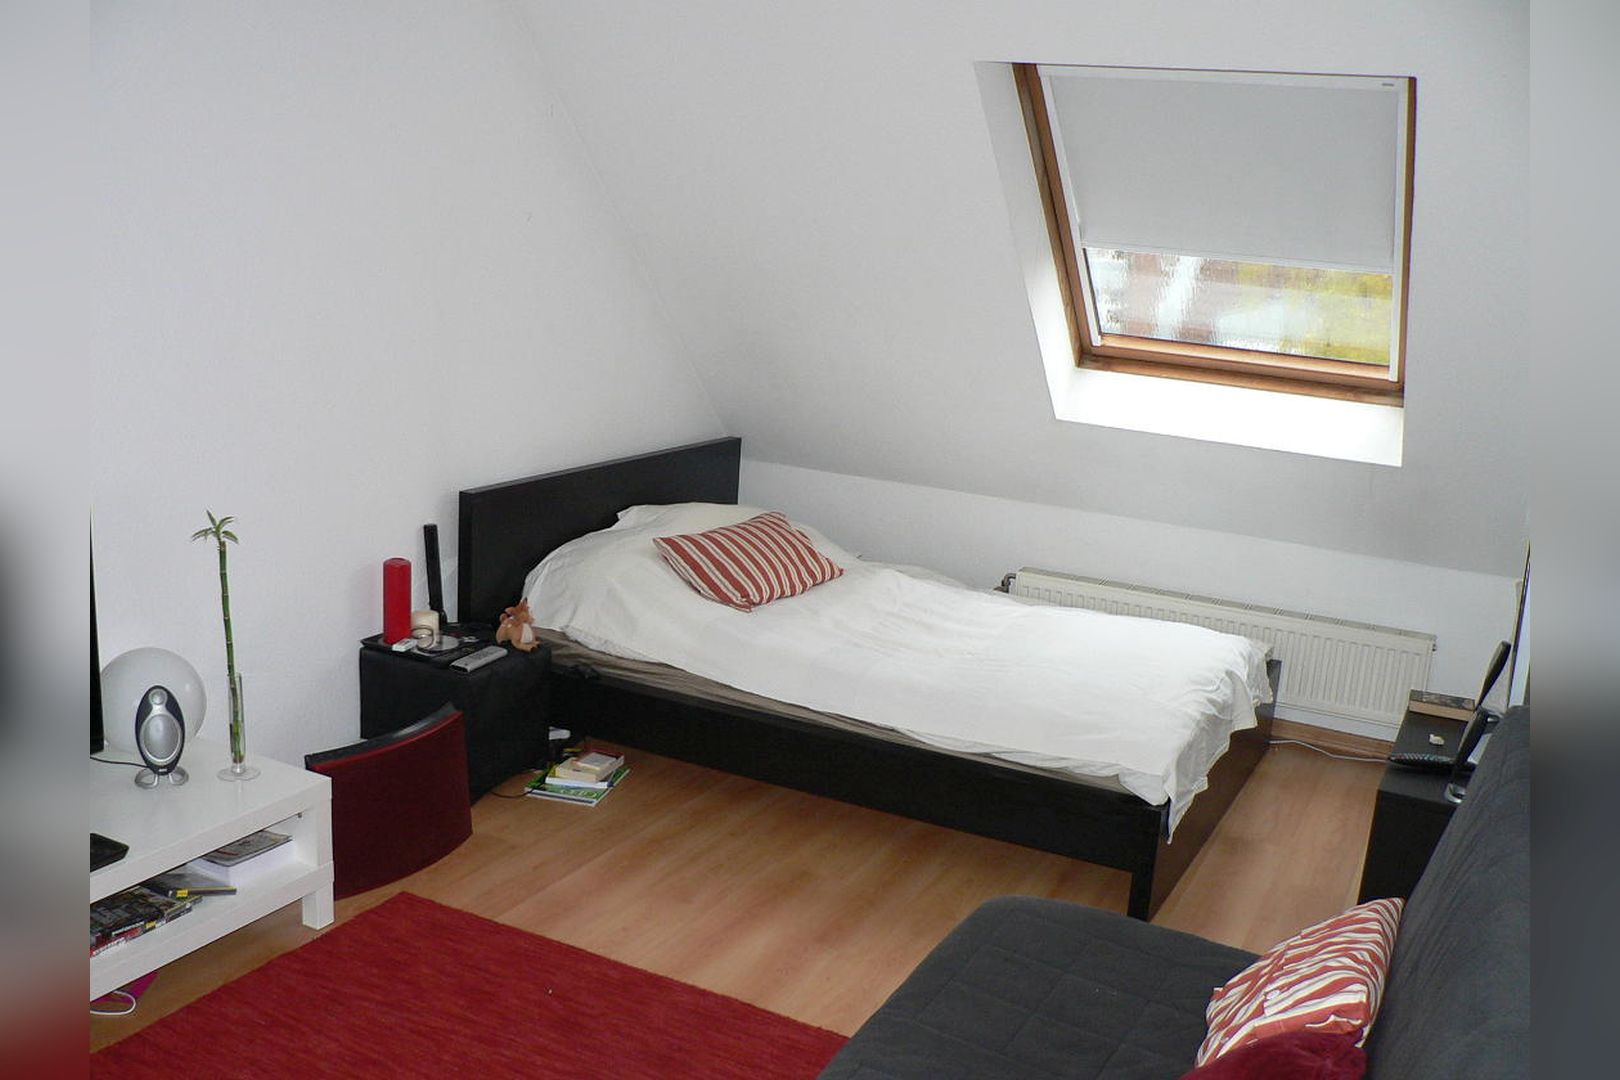 Immobilie Nr.0261 - Reihenmittelhaus mit Garten, Garage u. Stellpl. - Bild 8.jpg